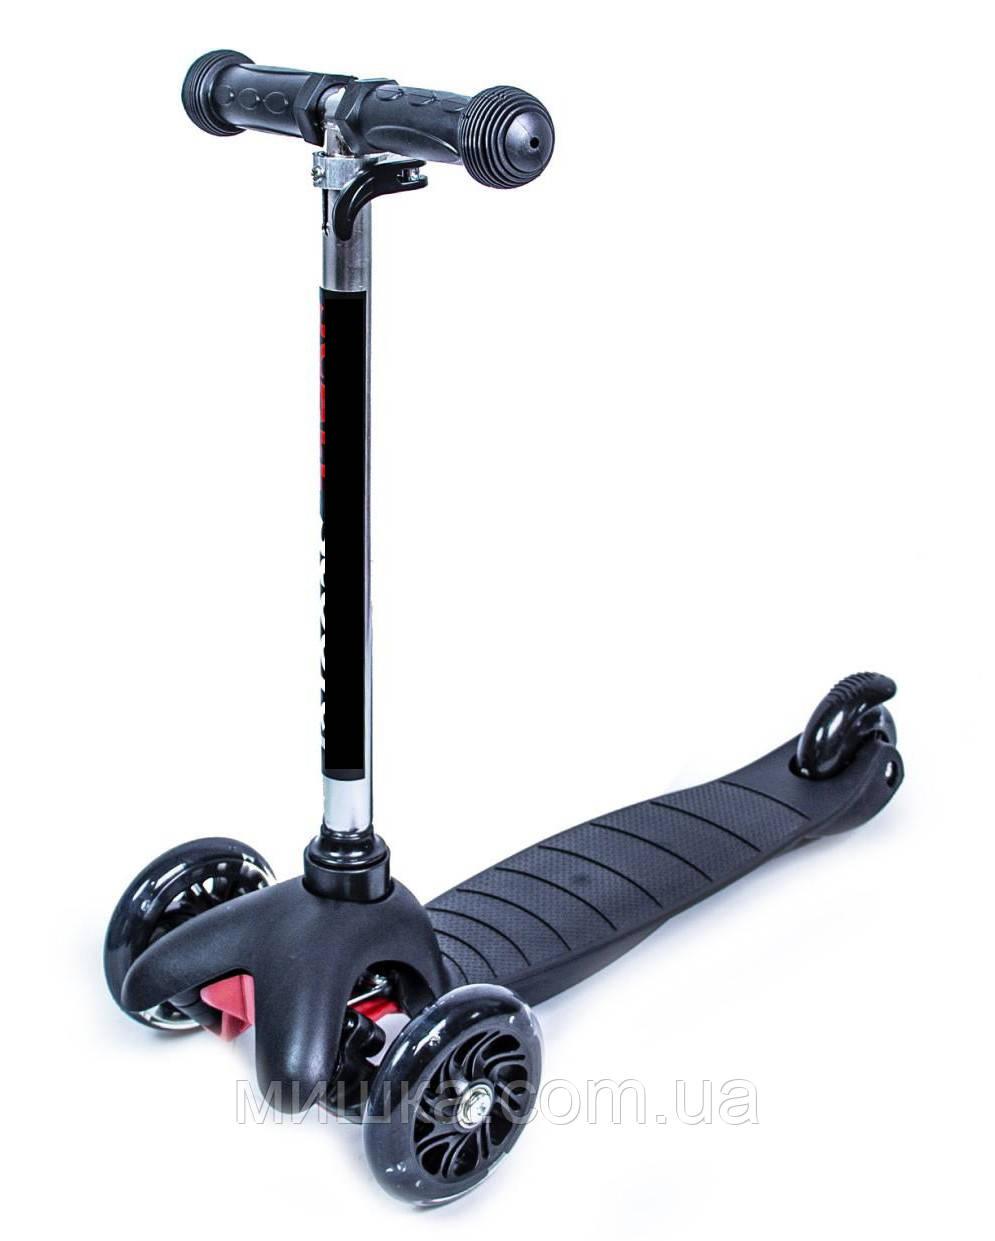 Самокат детский Micro Mini Best, светящиеся колеса, черный